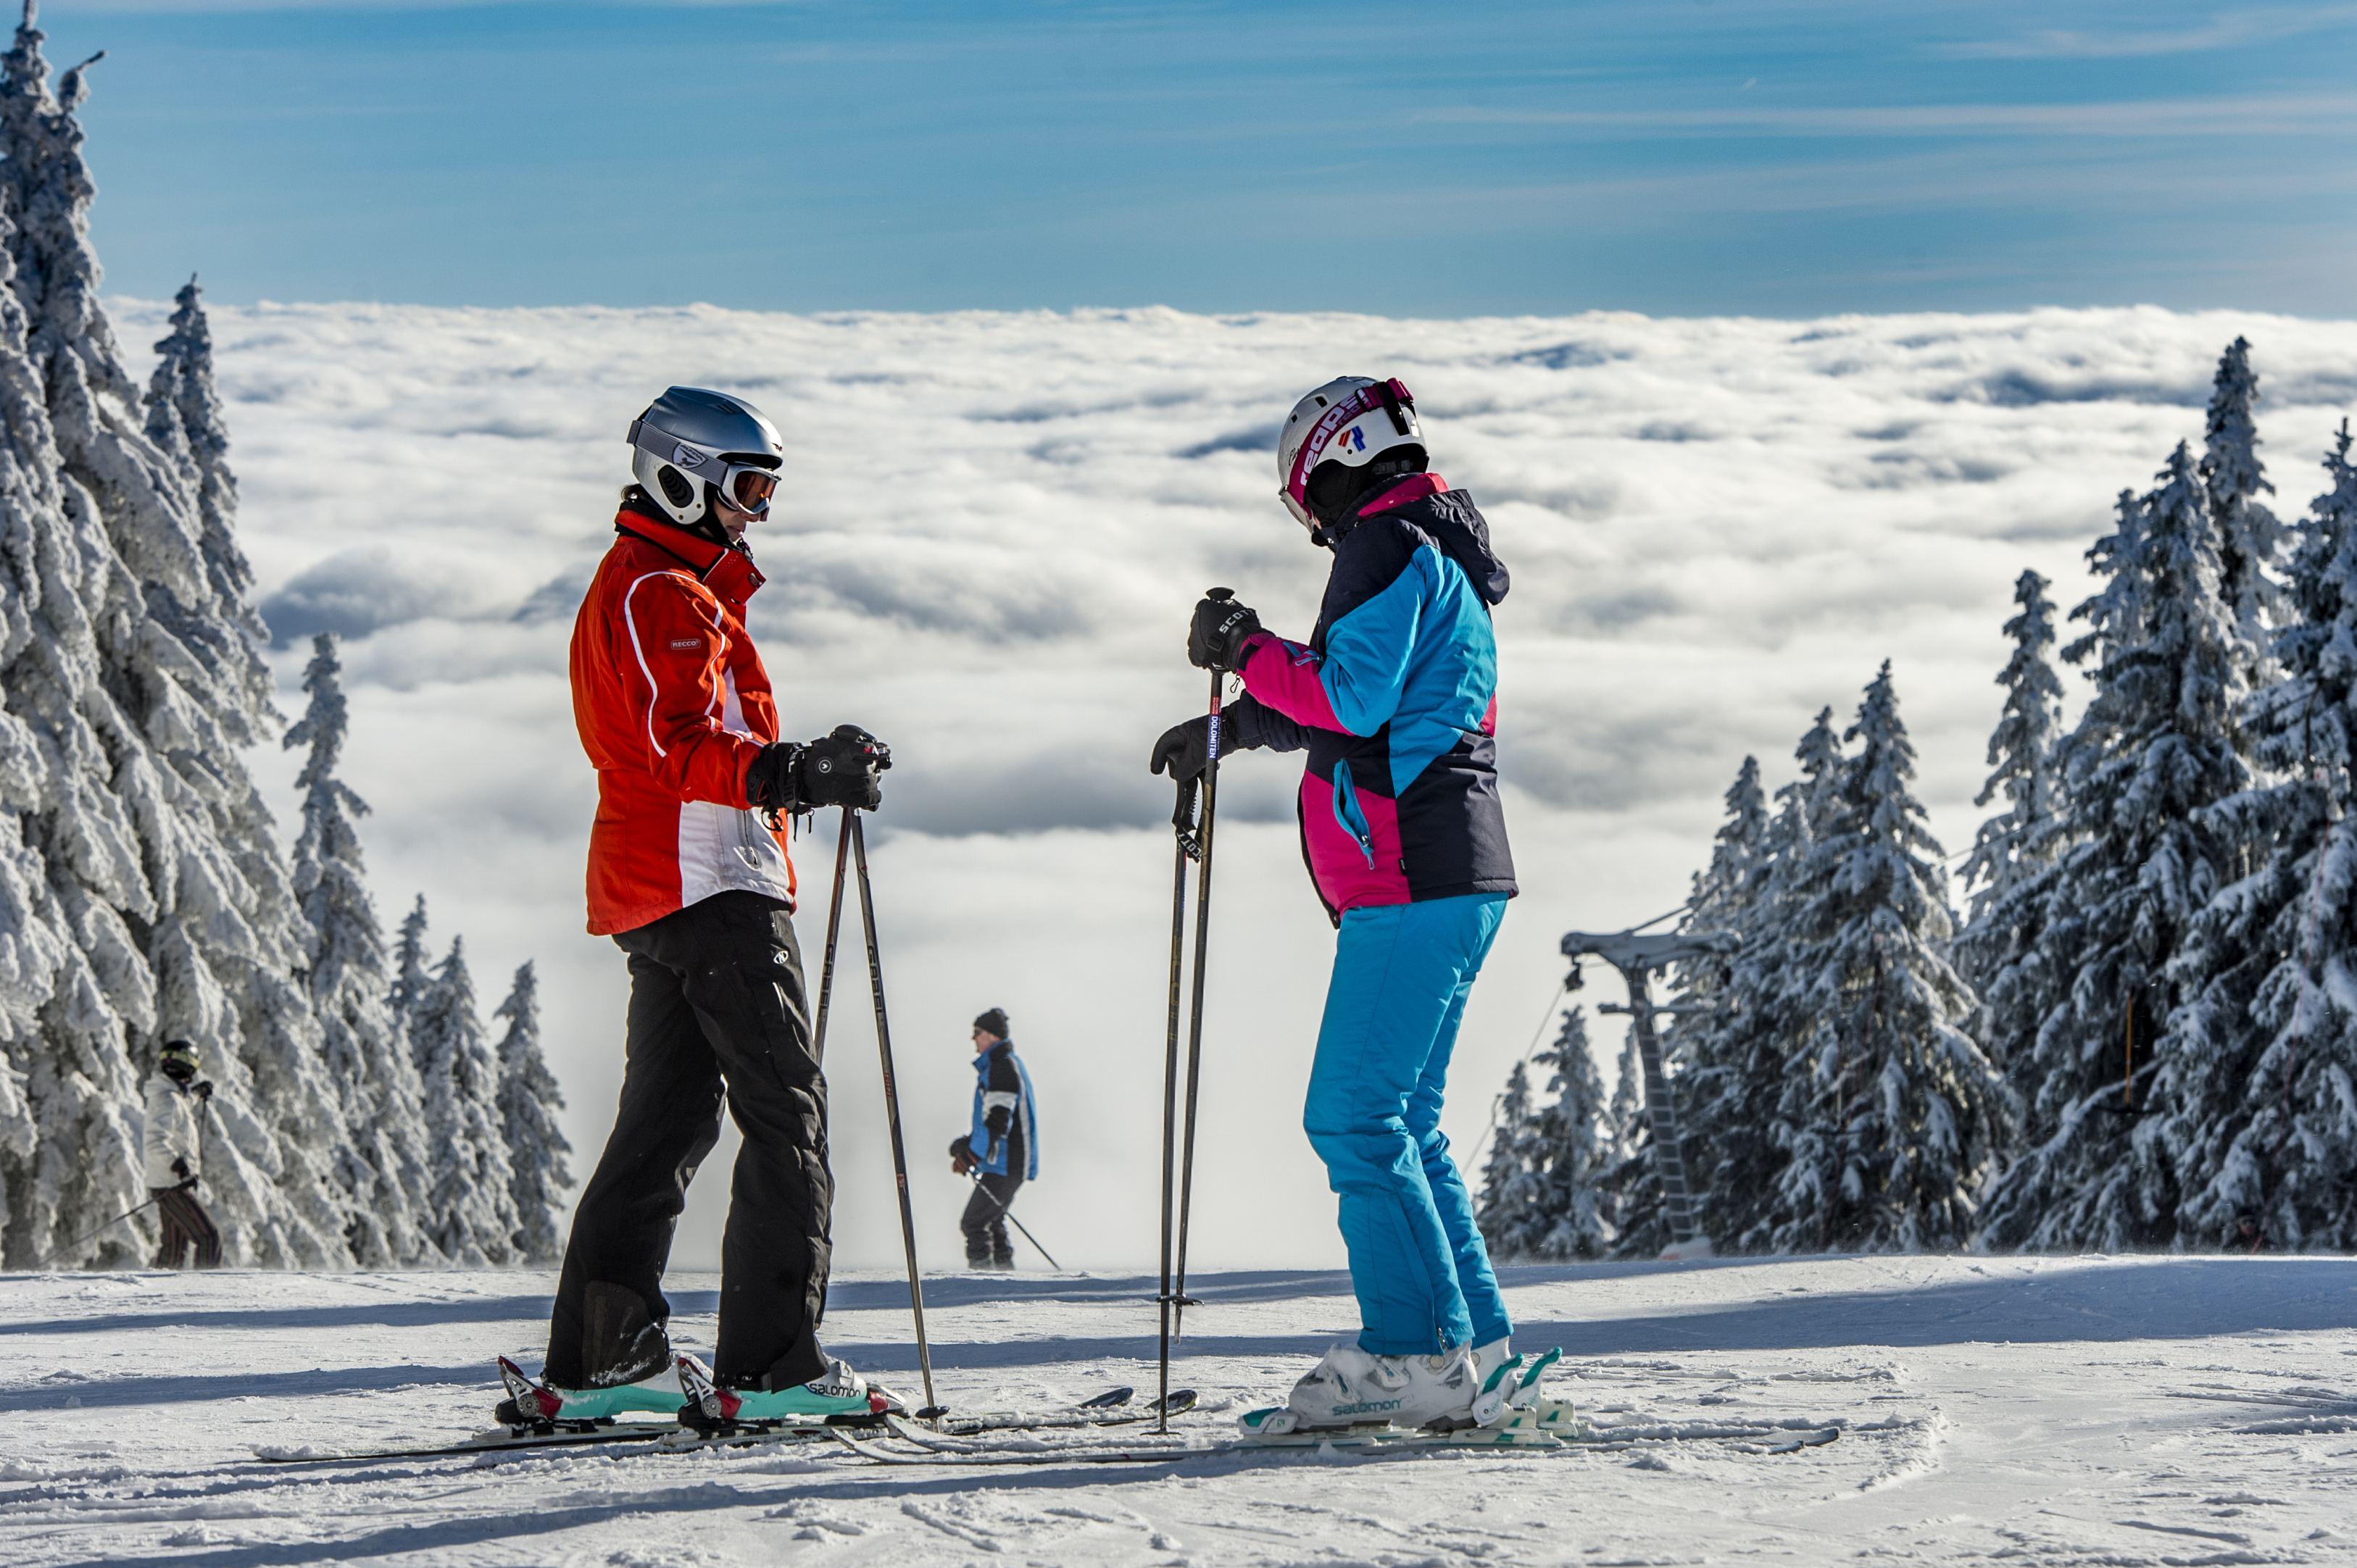 Foto z prvního lyžování v sezóně 2017-18